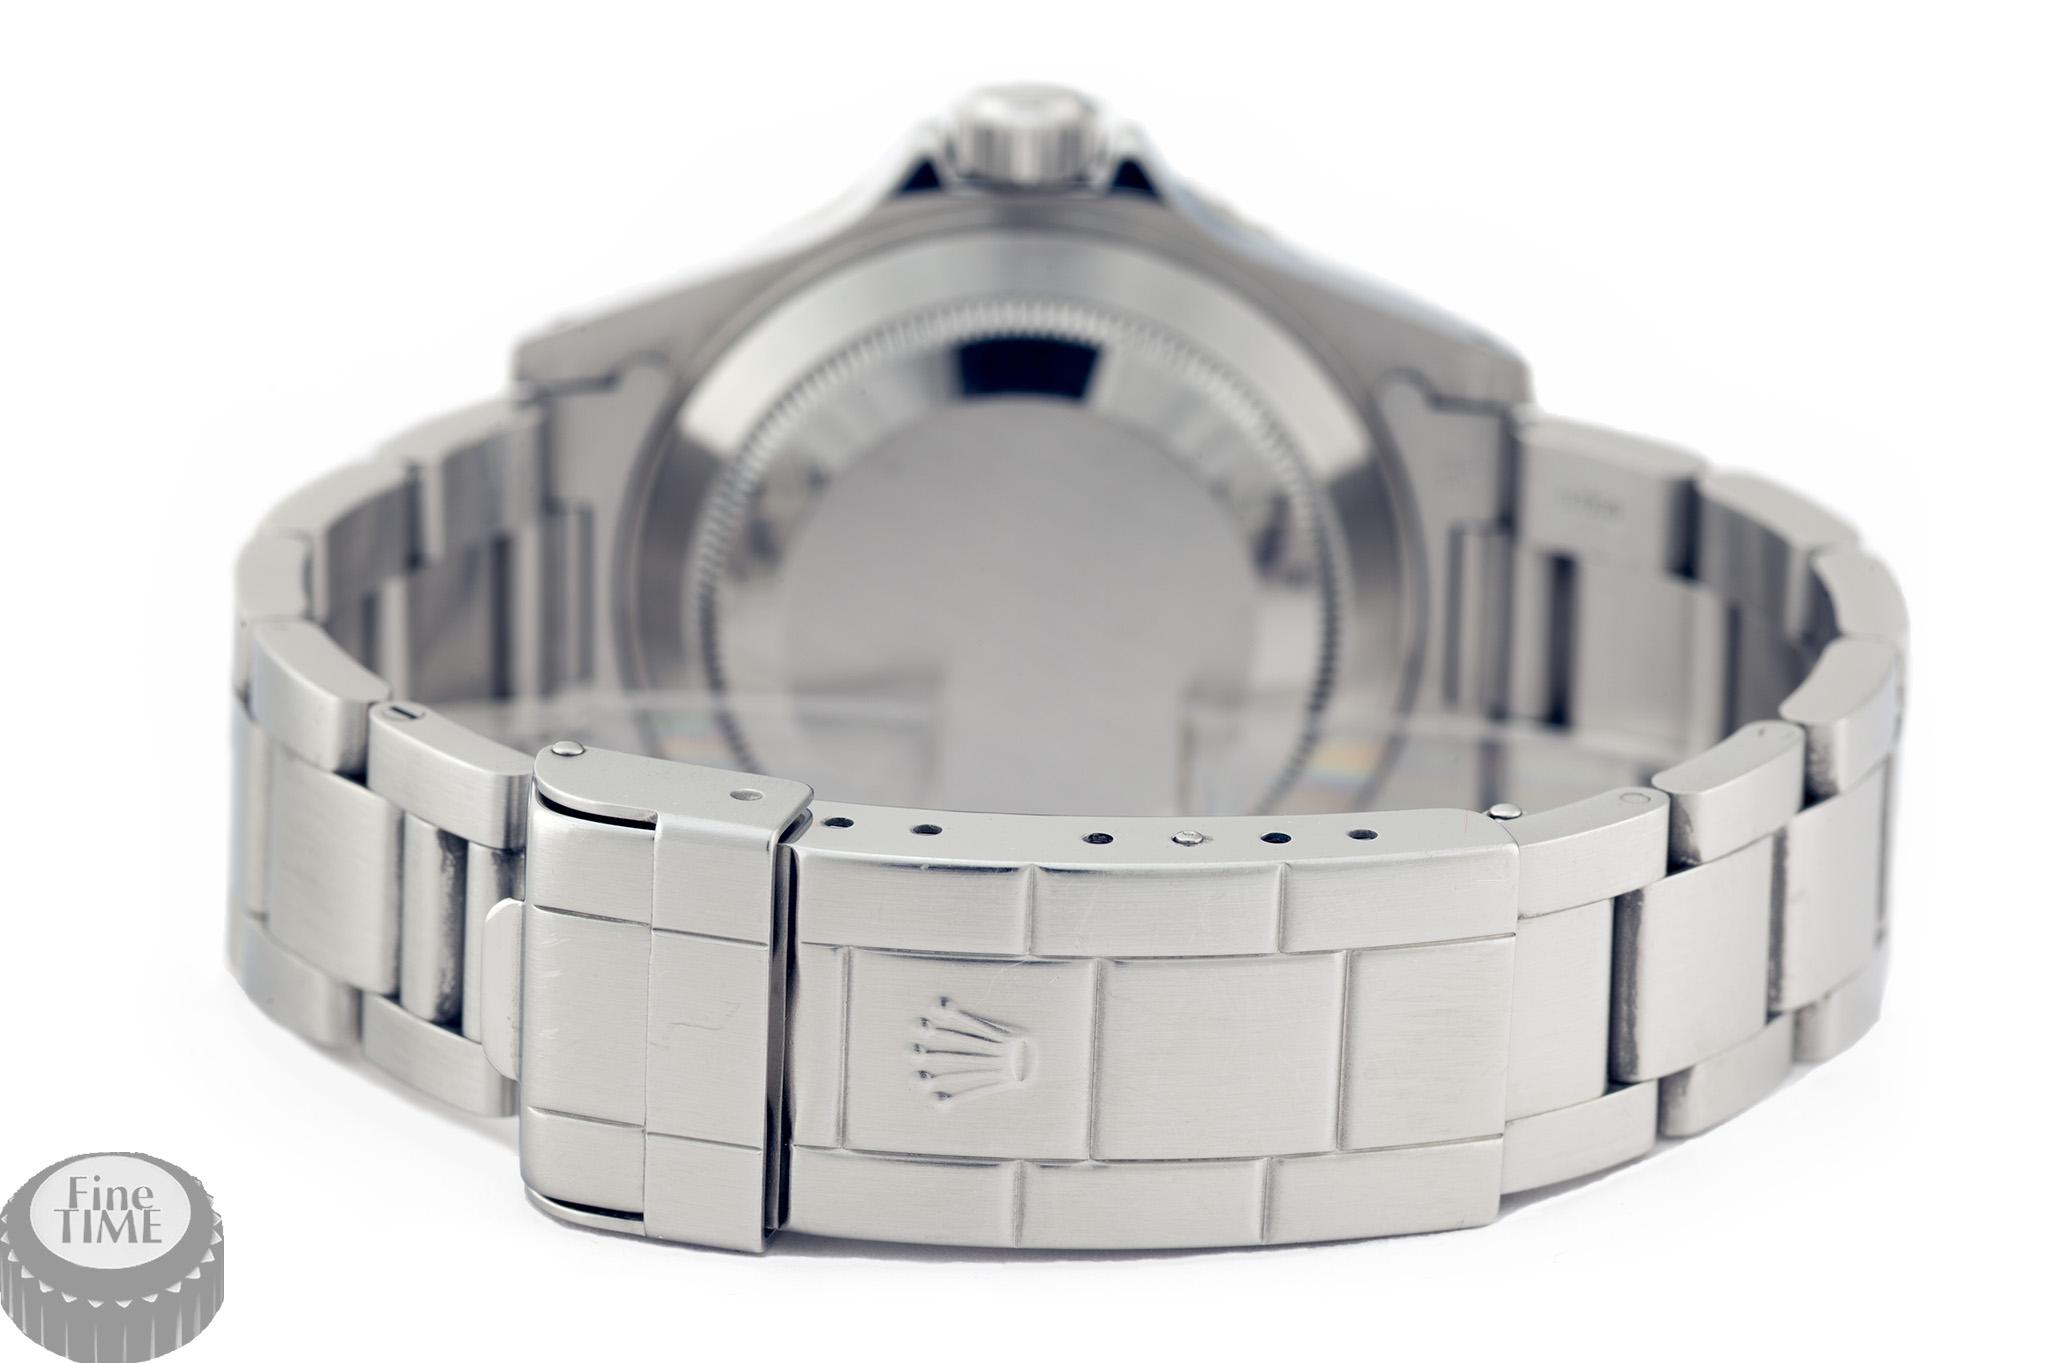 Rolex Submariner 14060M Y serie clasp